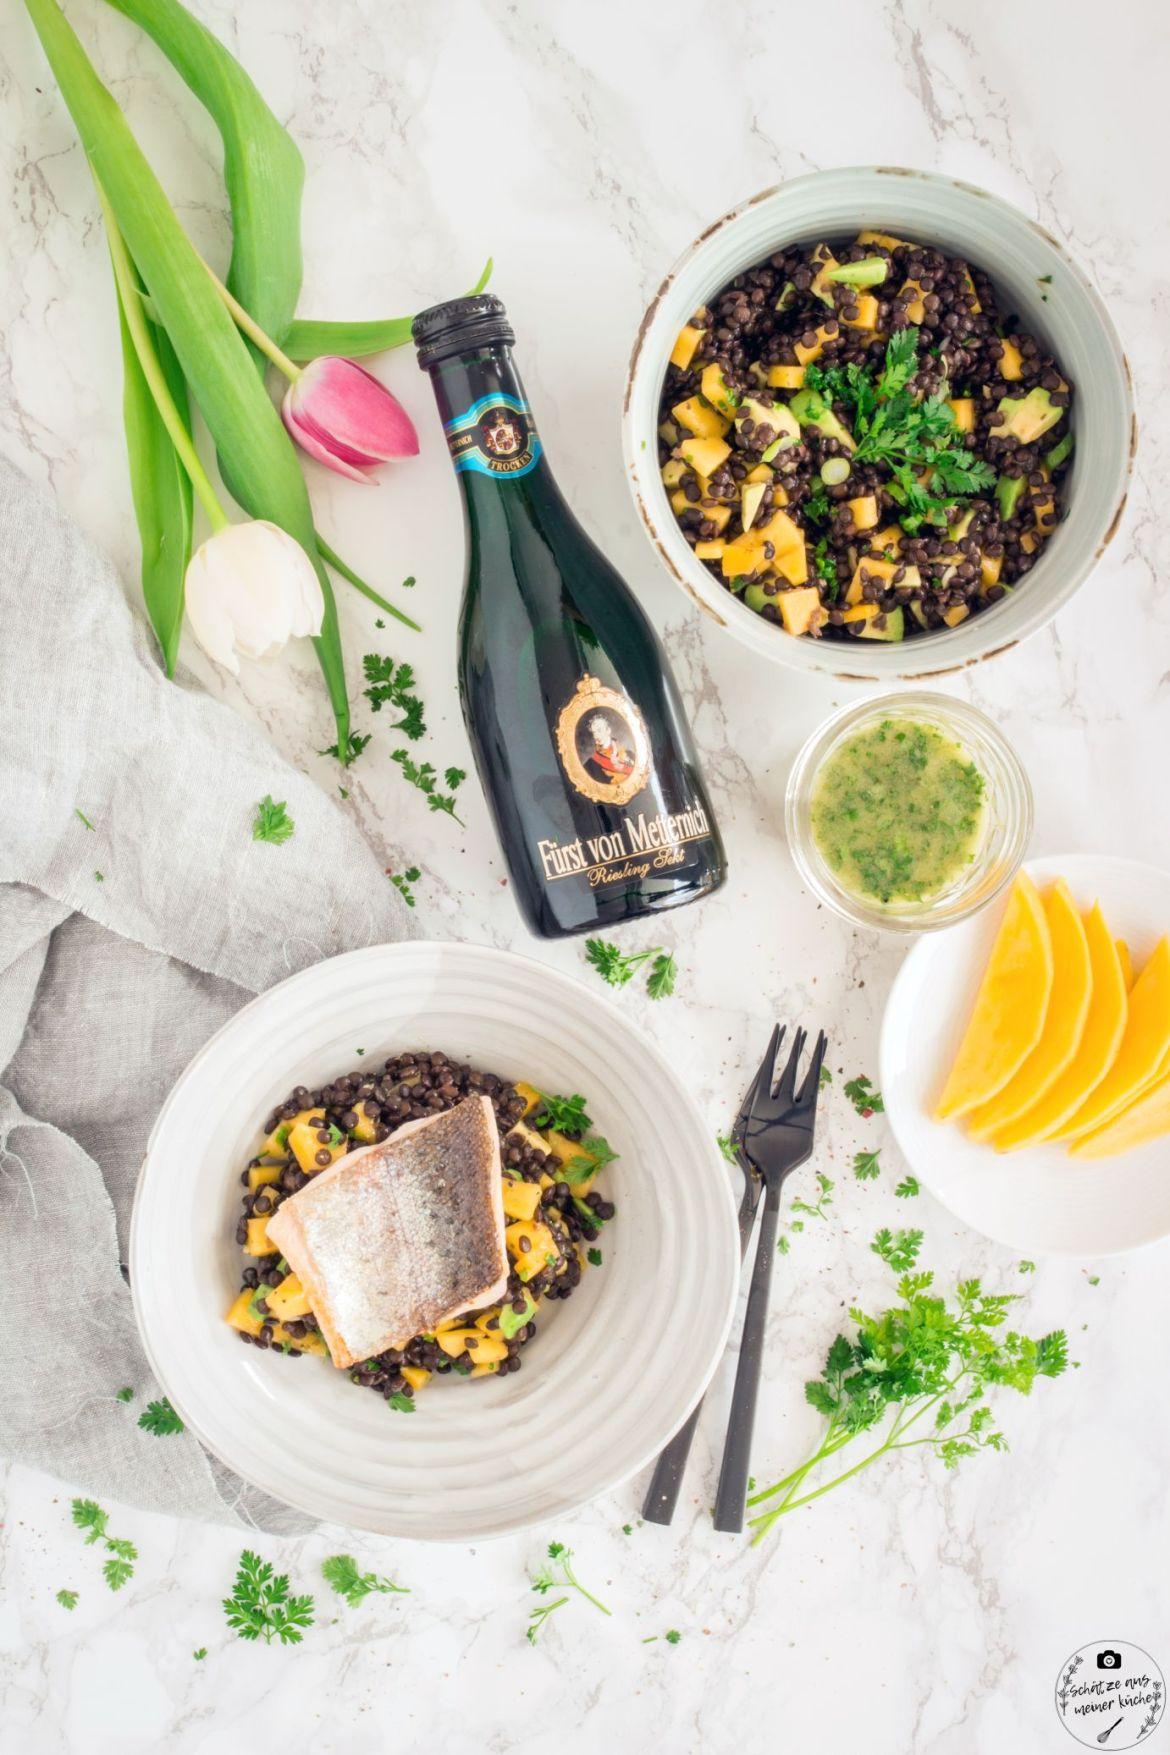 Fruchtiger Belugalinsensalat mit Kräuter-Sekt-Vinaigrette und Lachsforelle